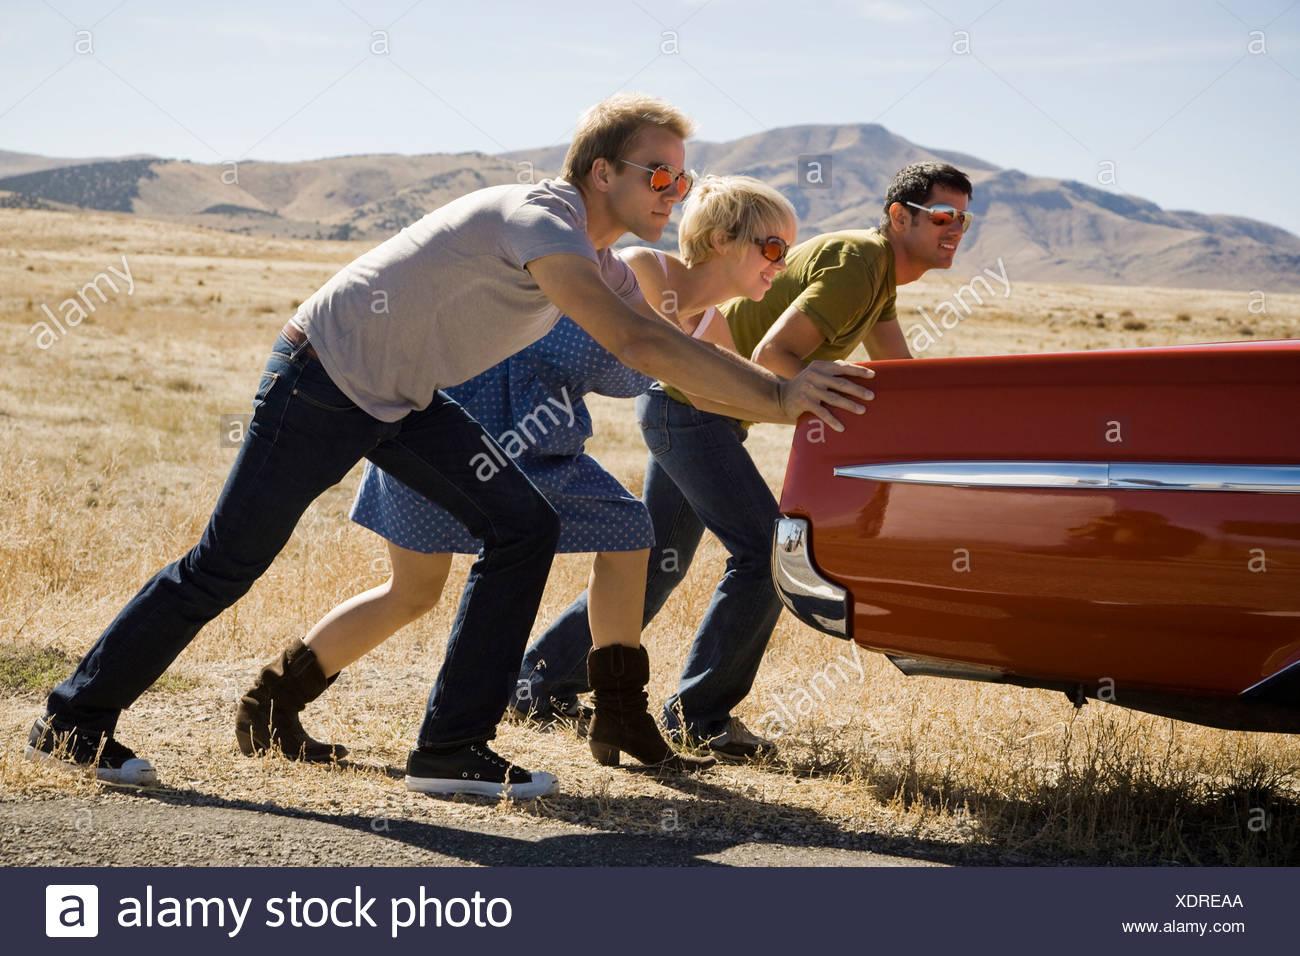 Persone spingendo un auto lungo la strada Immagini Stock